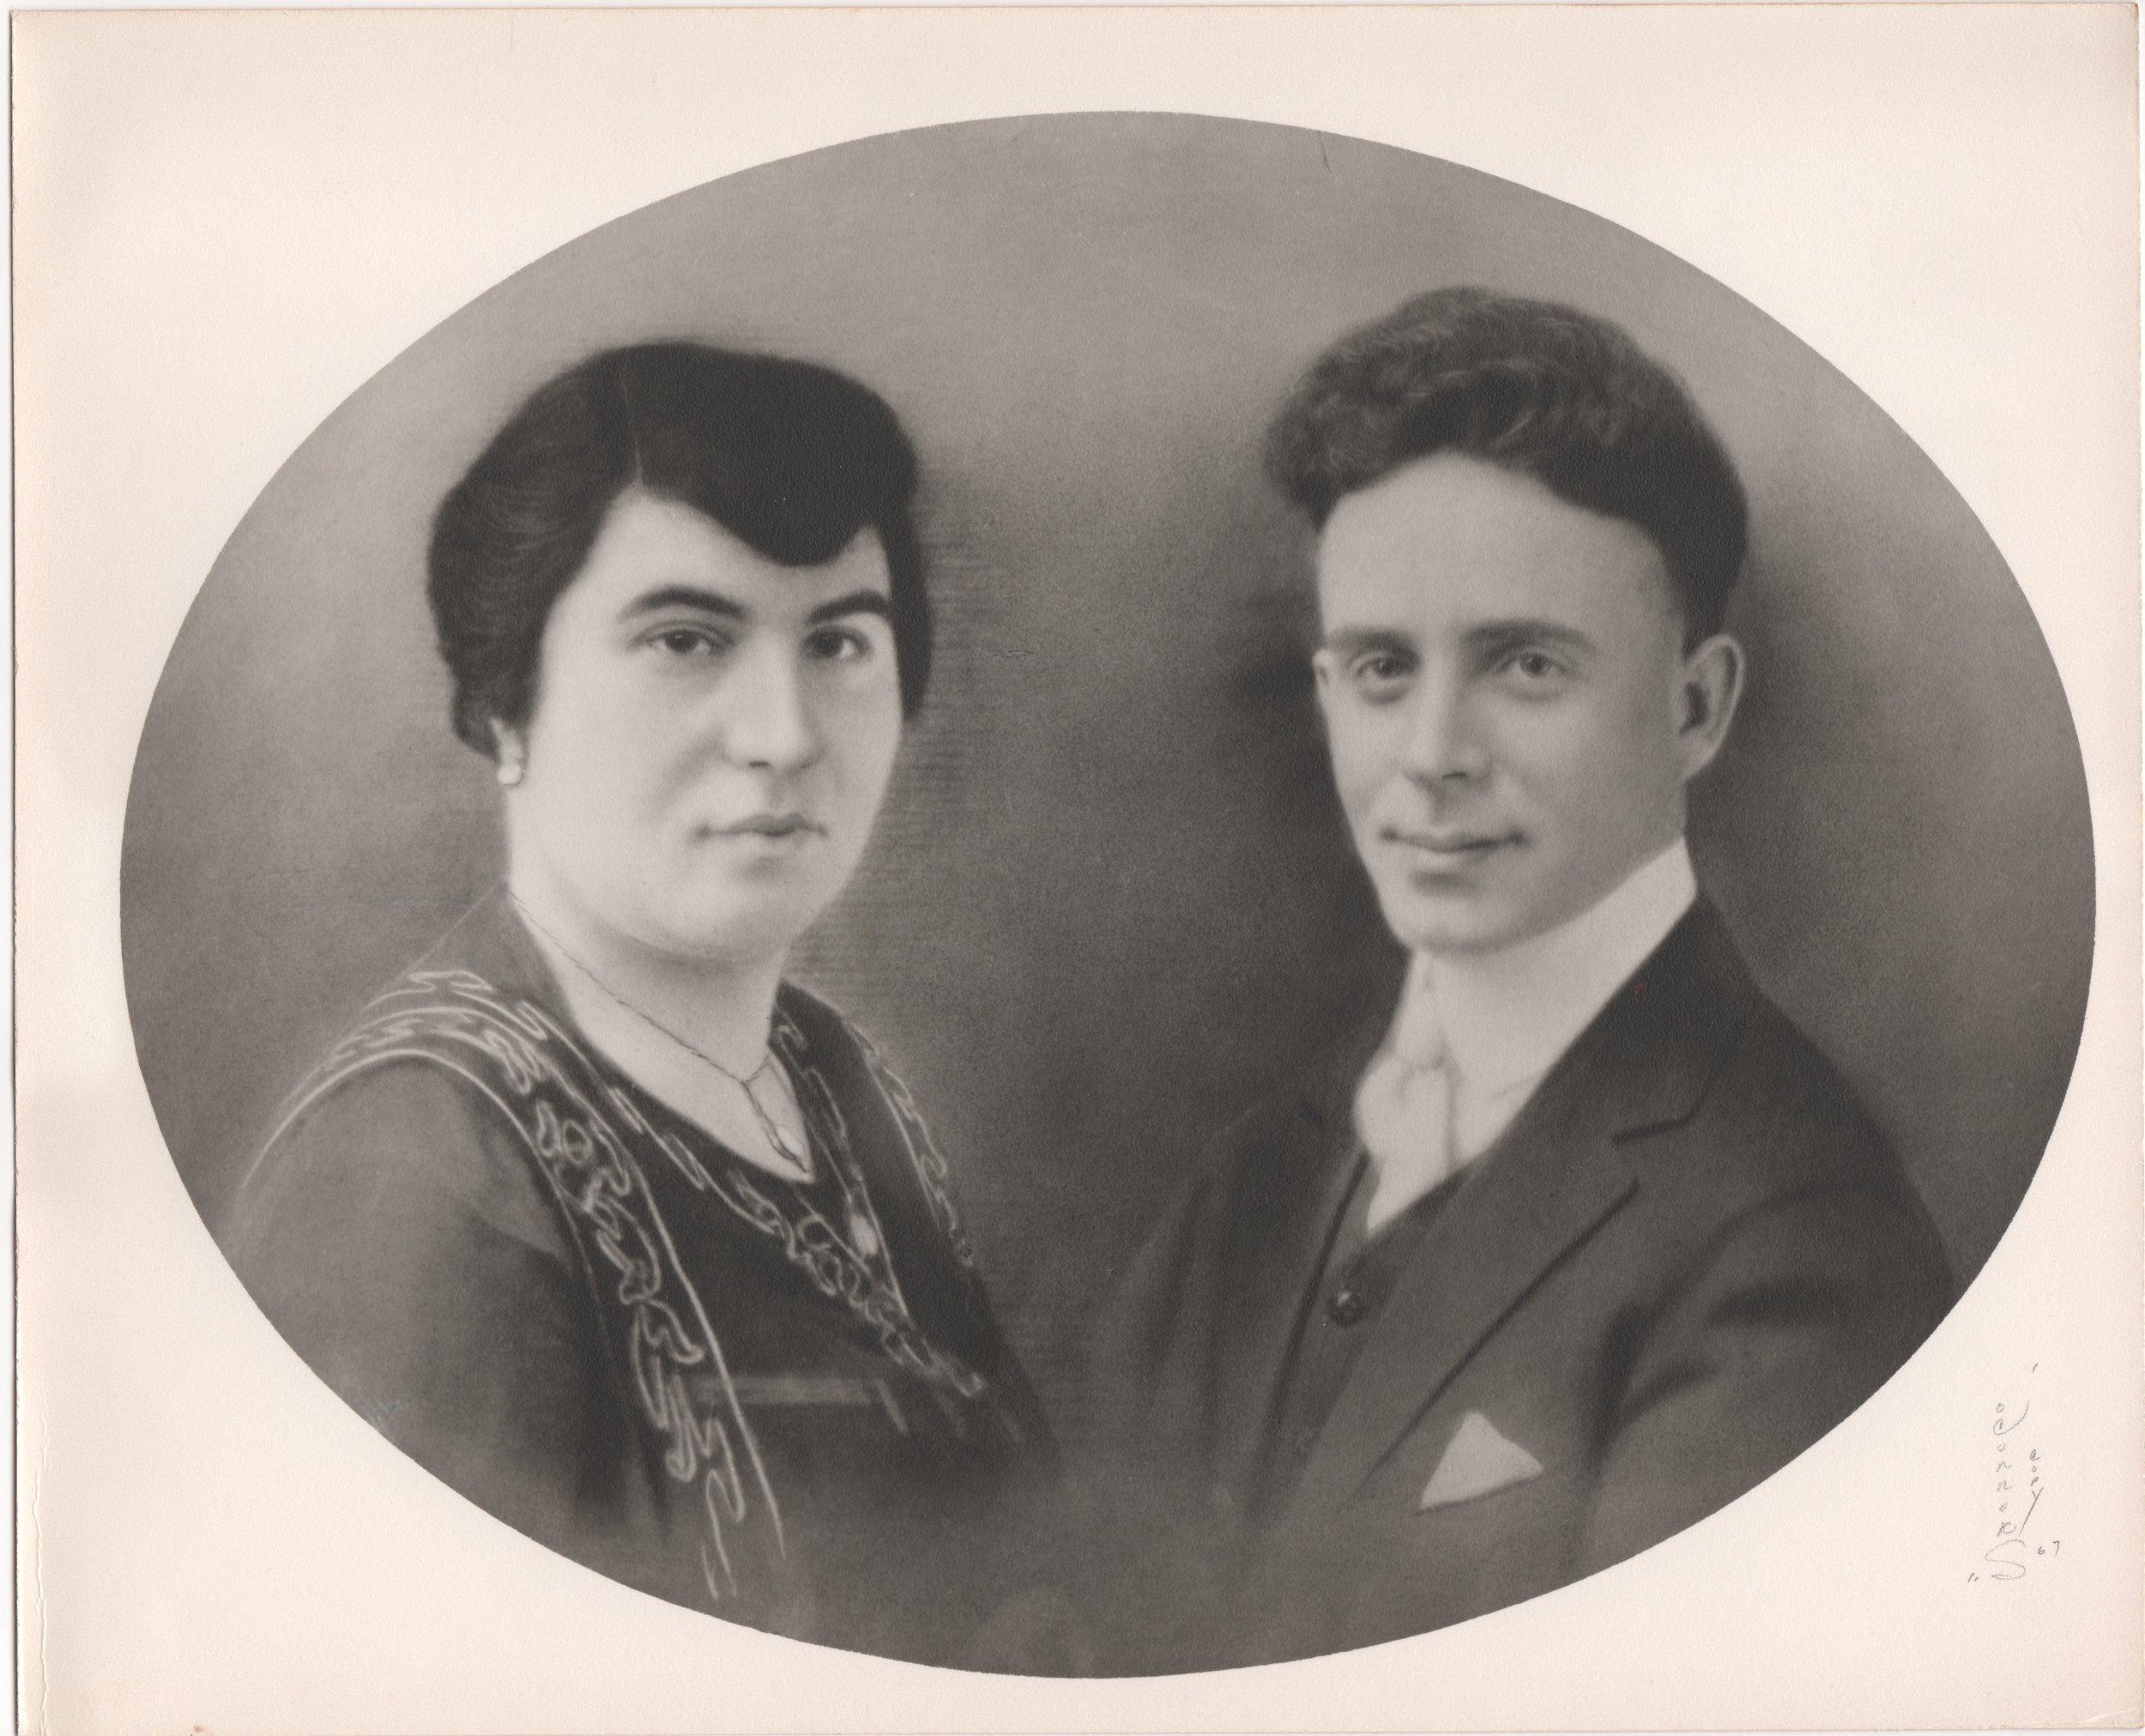 Maria Chardoulias and Vasilios Halvangis